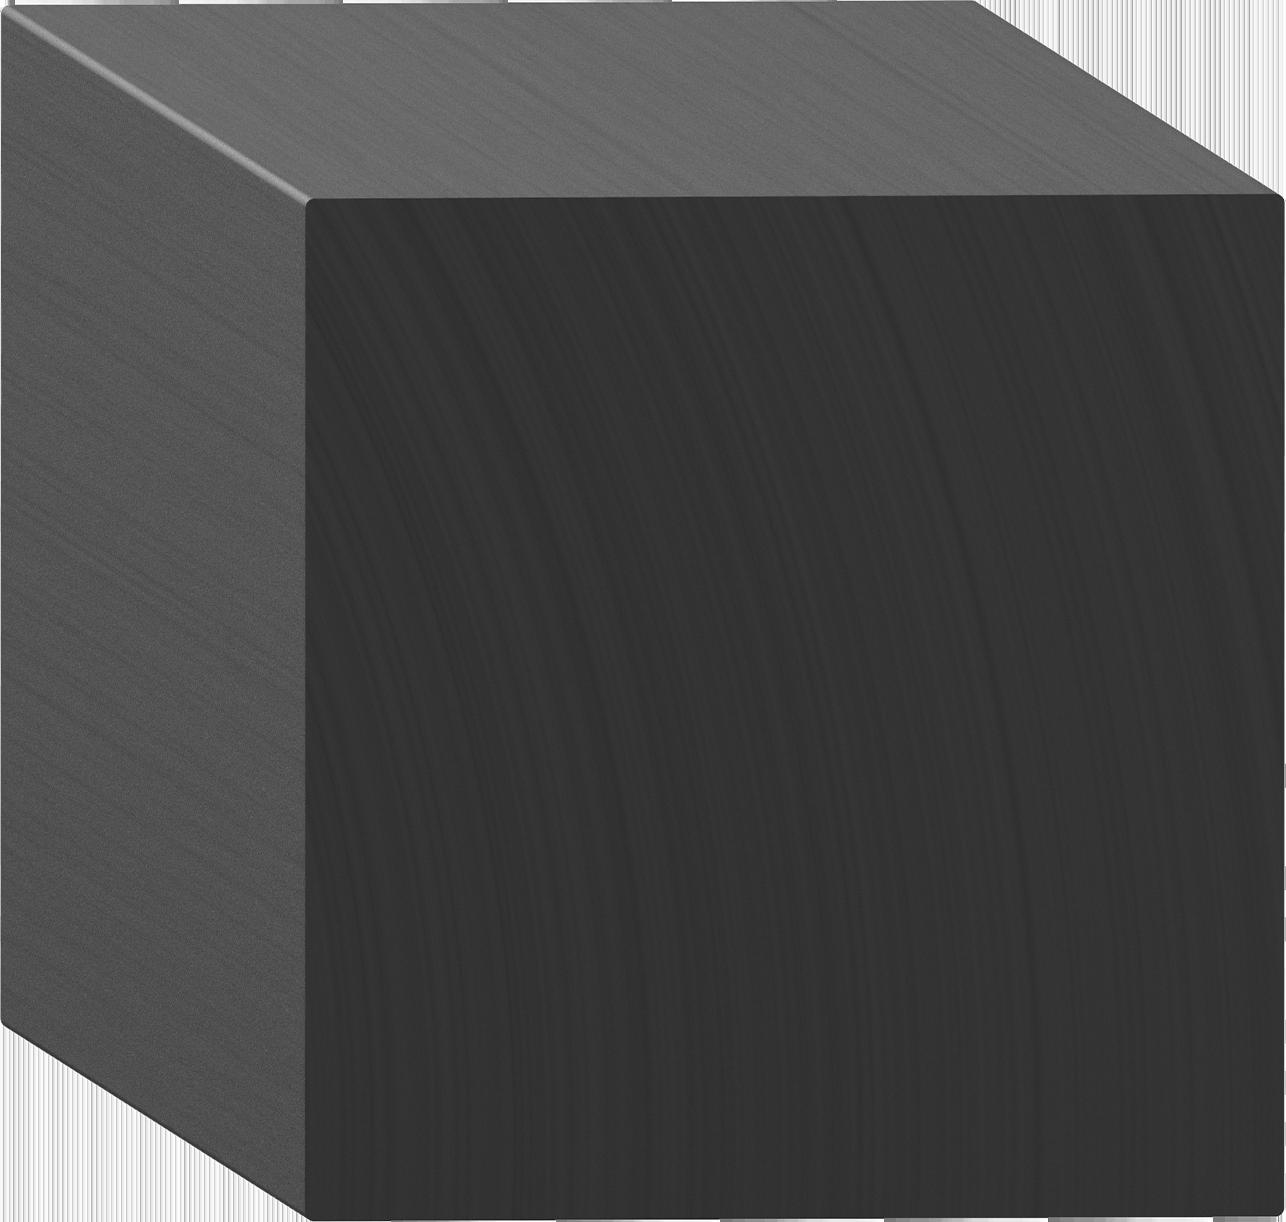 Uni-Grip part: BL-022